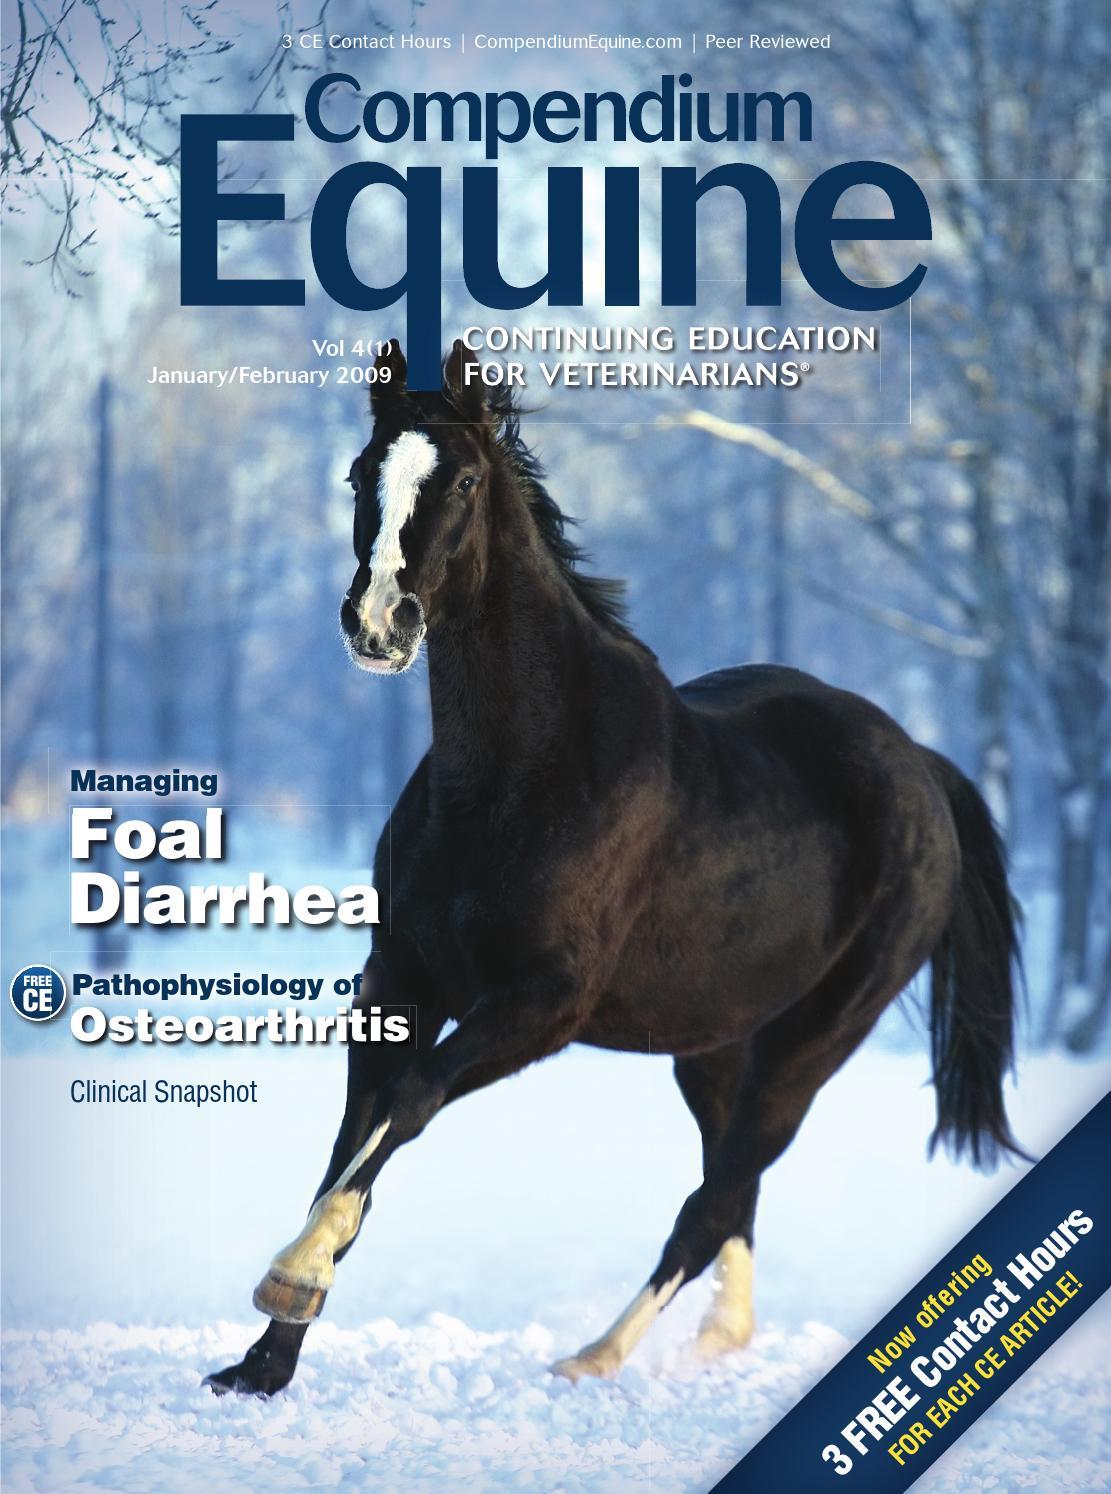 Compendium Equine | January 2009